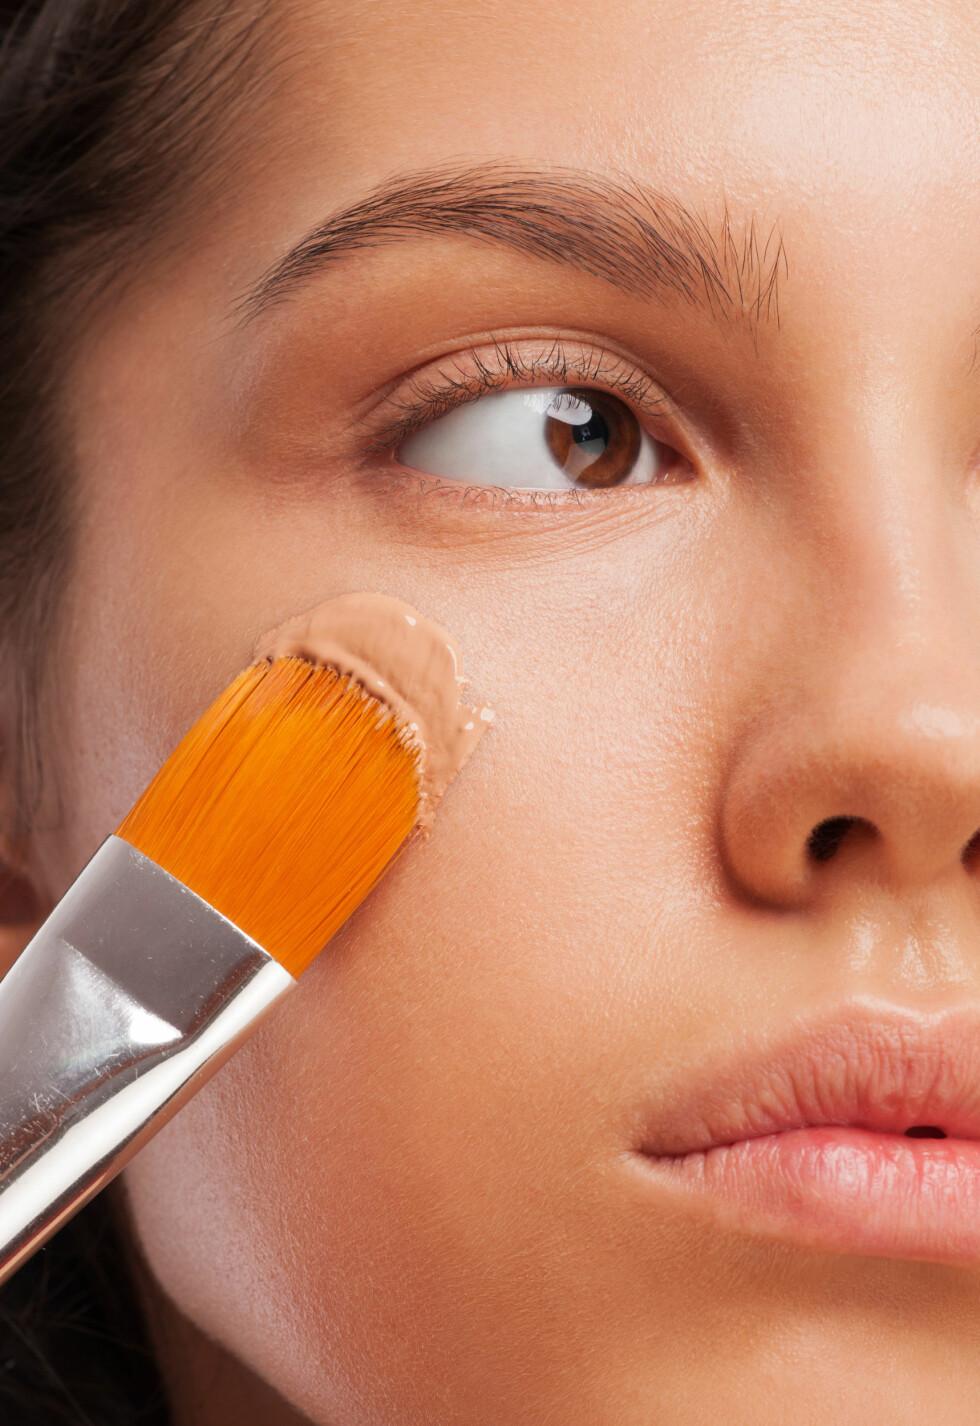 <strong>KREMPRODUKTER:</strong> For deg med veldig tørr hud, kan det være lurt å investere i kremprodukter til å markere ansiktet.  Foto: malyugin - Fotolia